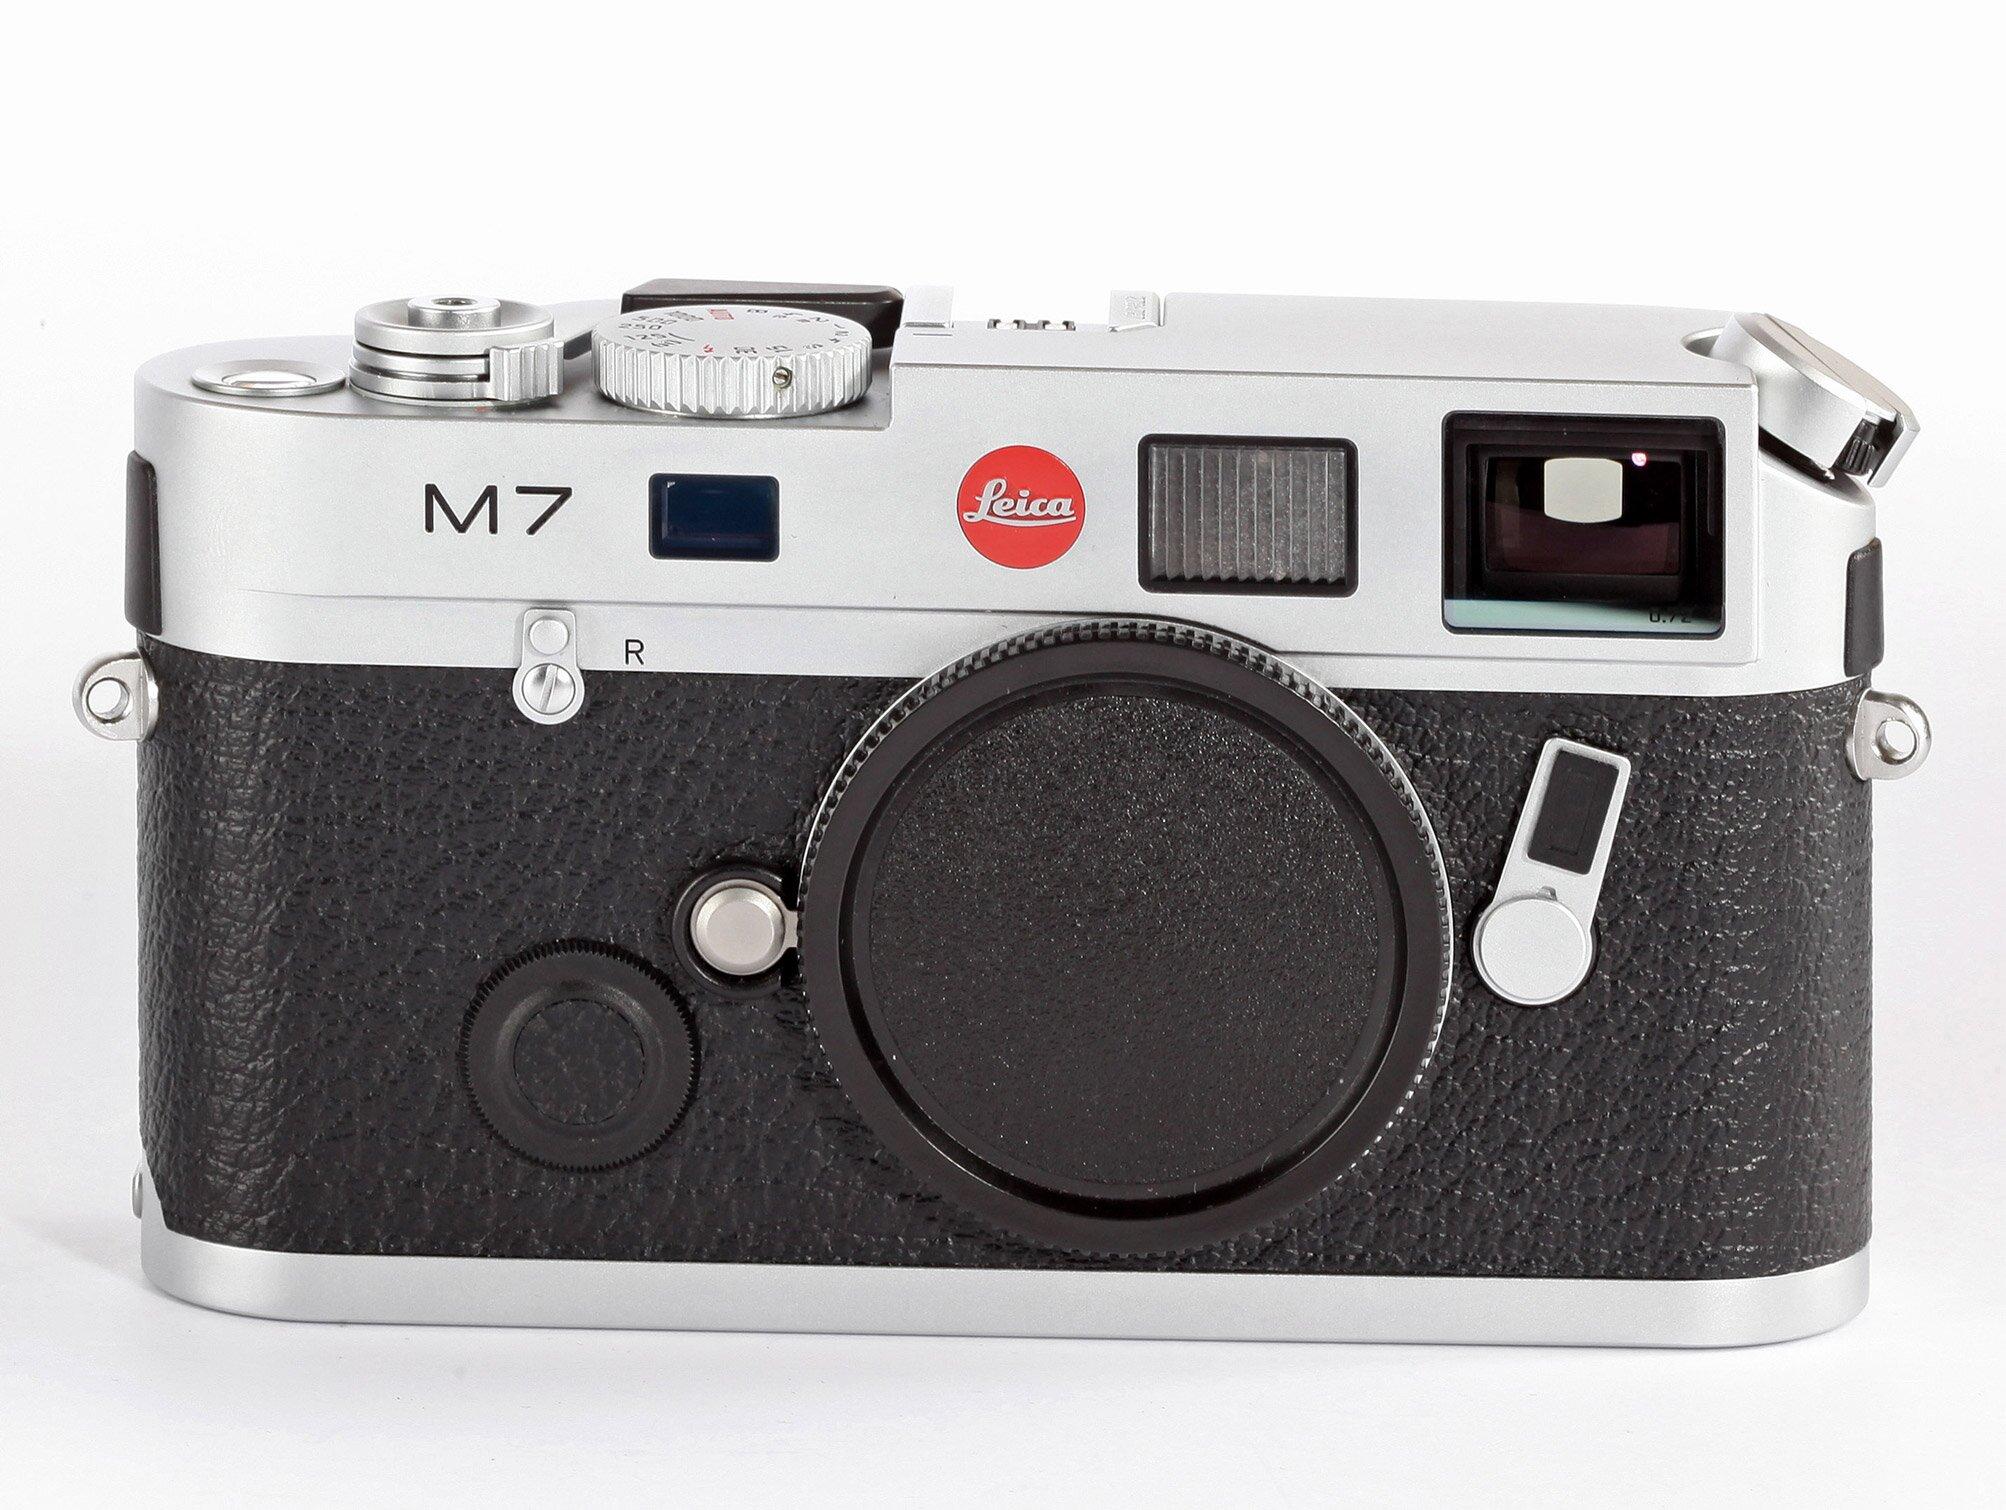 Leica M7 0.72 chrom